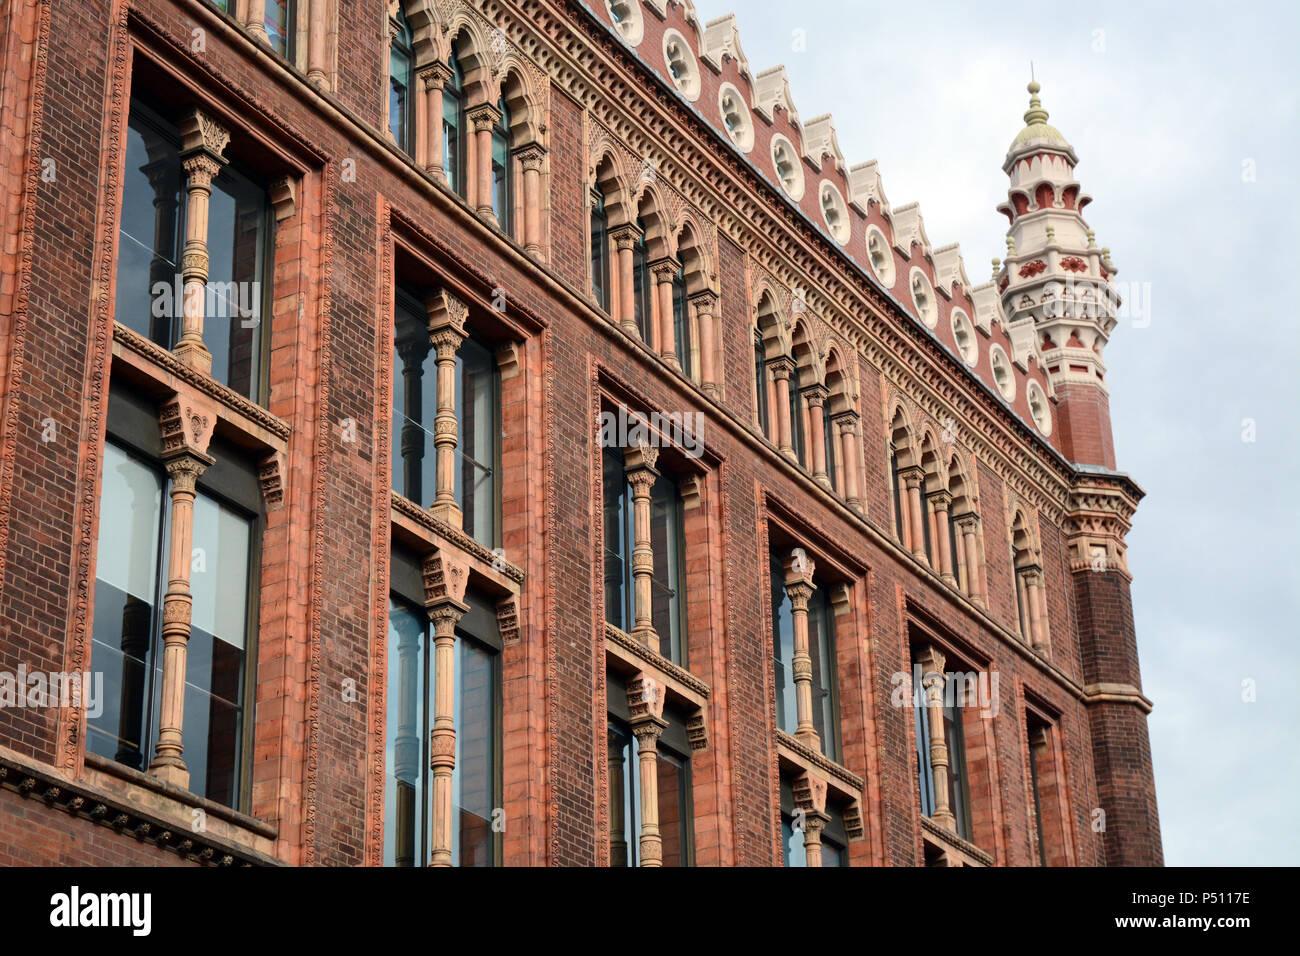 La façade historique de la 19e siècle St. Paul's House construit dans le style d'architecture hispano-mauresque, à Leeds, Angleterre, Royaume-Uni. Photo Stock